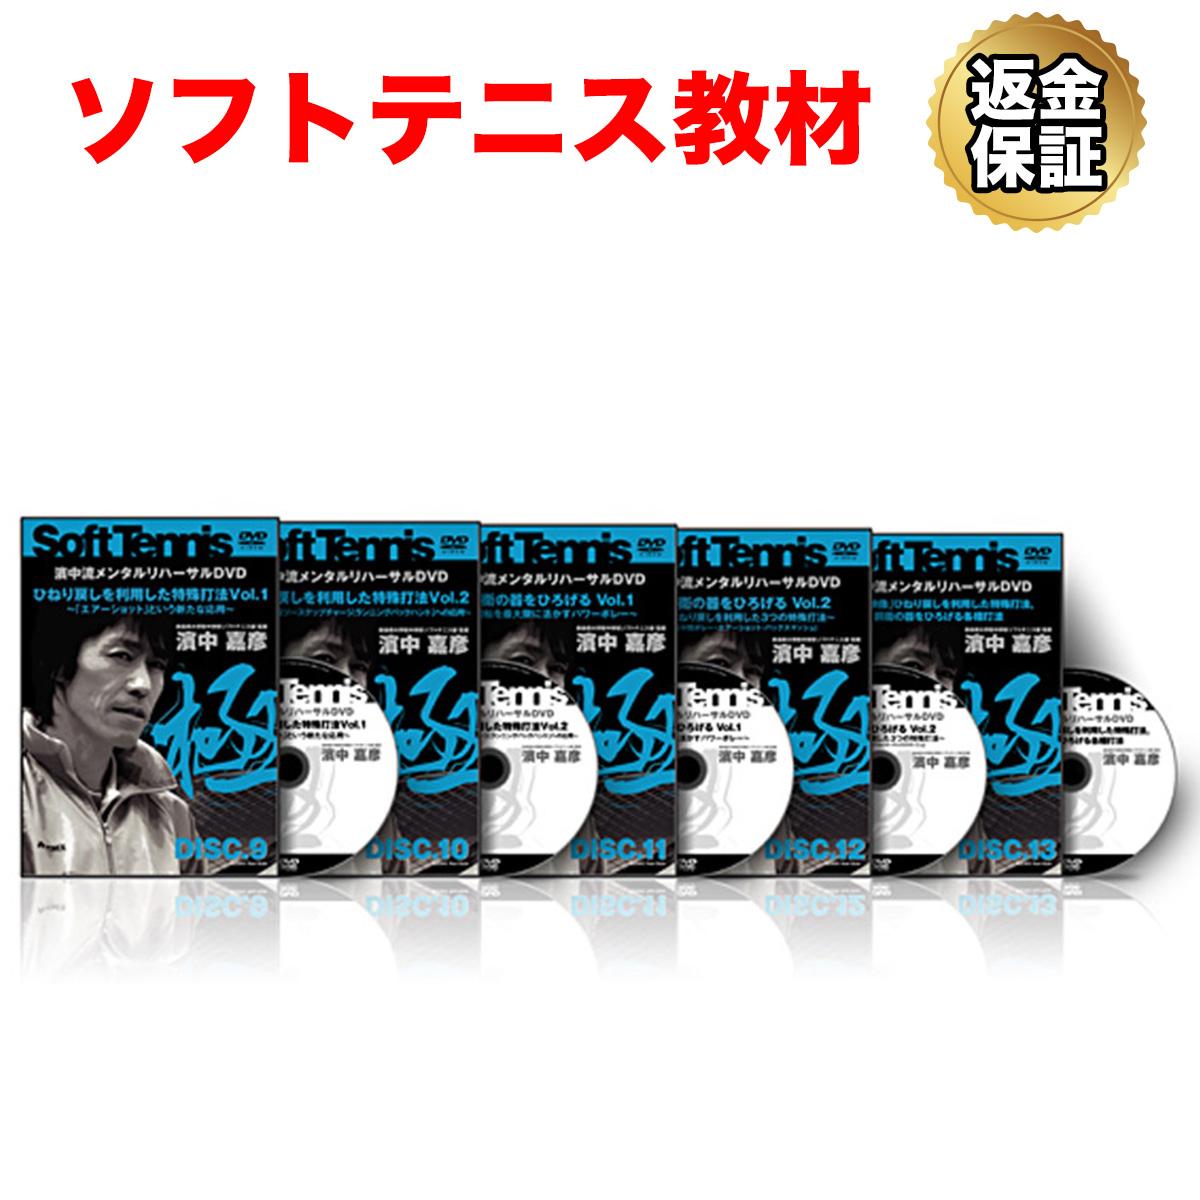 ソフトテニス 教材 DVD 濱中流メンタルリハーサル教材 DVD 3 (エアショット、ツー ステップ チャージ 、ランニングバックハンド) [Disc9-13]